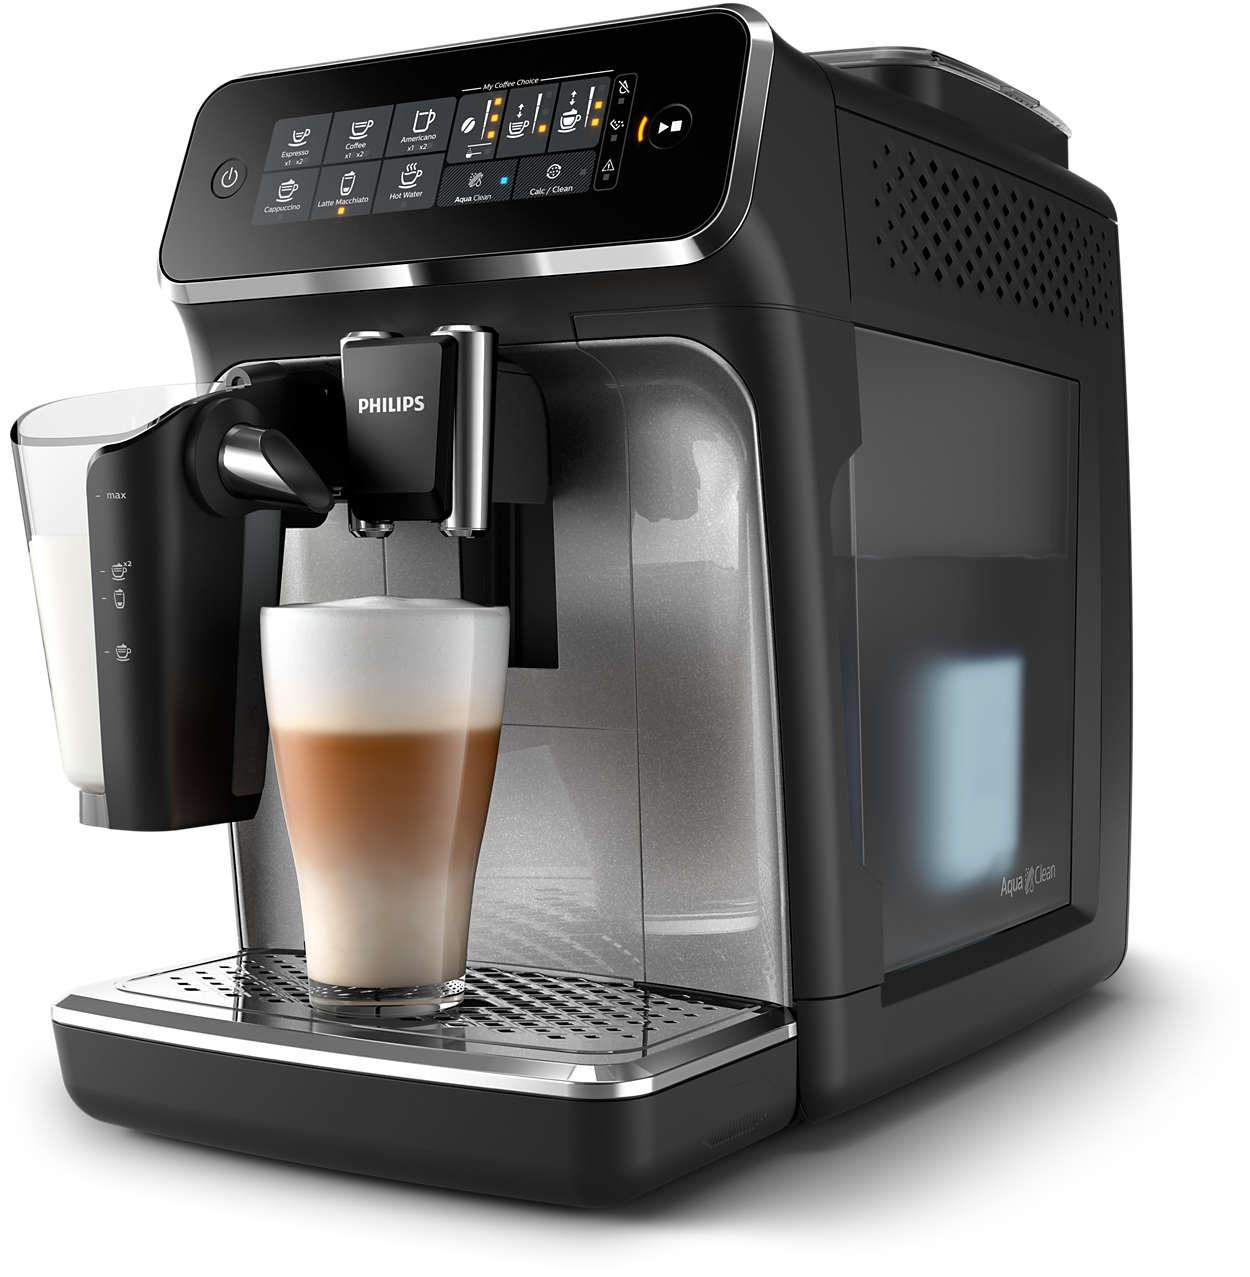 5 maitsvat kohvijooki värsketest ubadest, lihtsalt